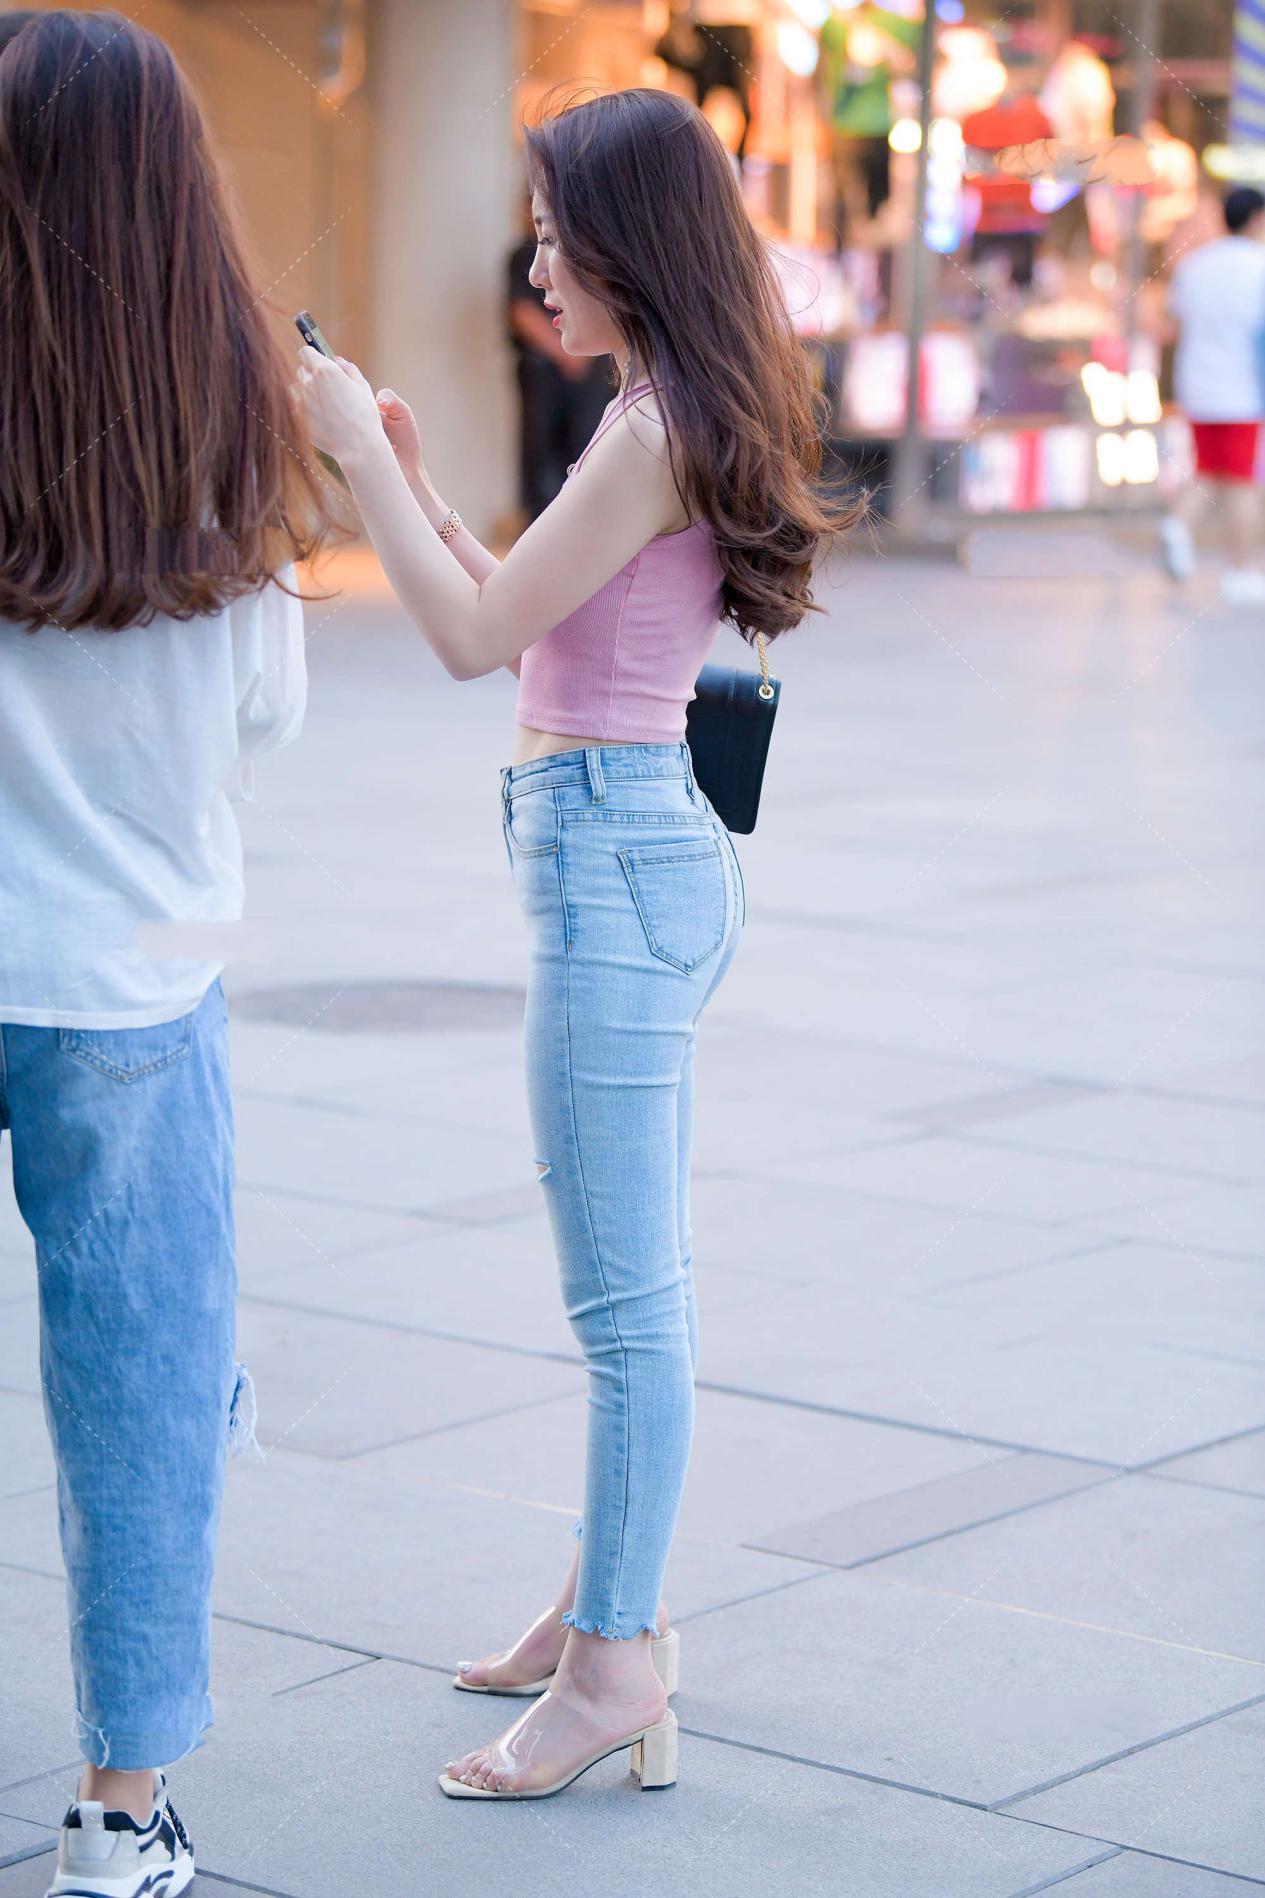 宽肩带粉色背心搭配浅蓝牛仔裤,青春靓丽,时尚潮流